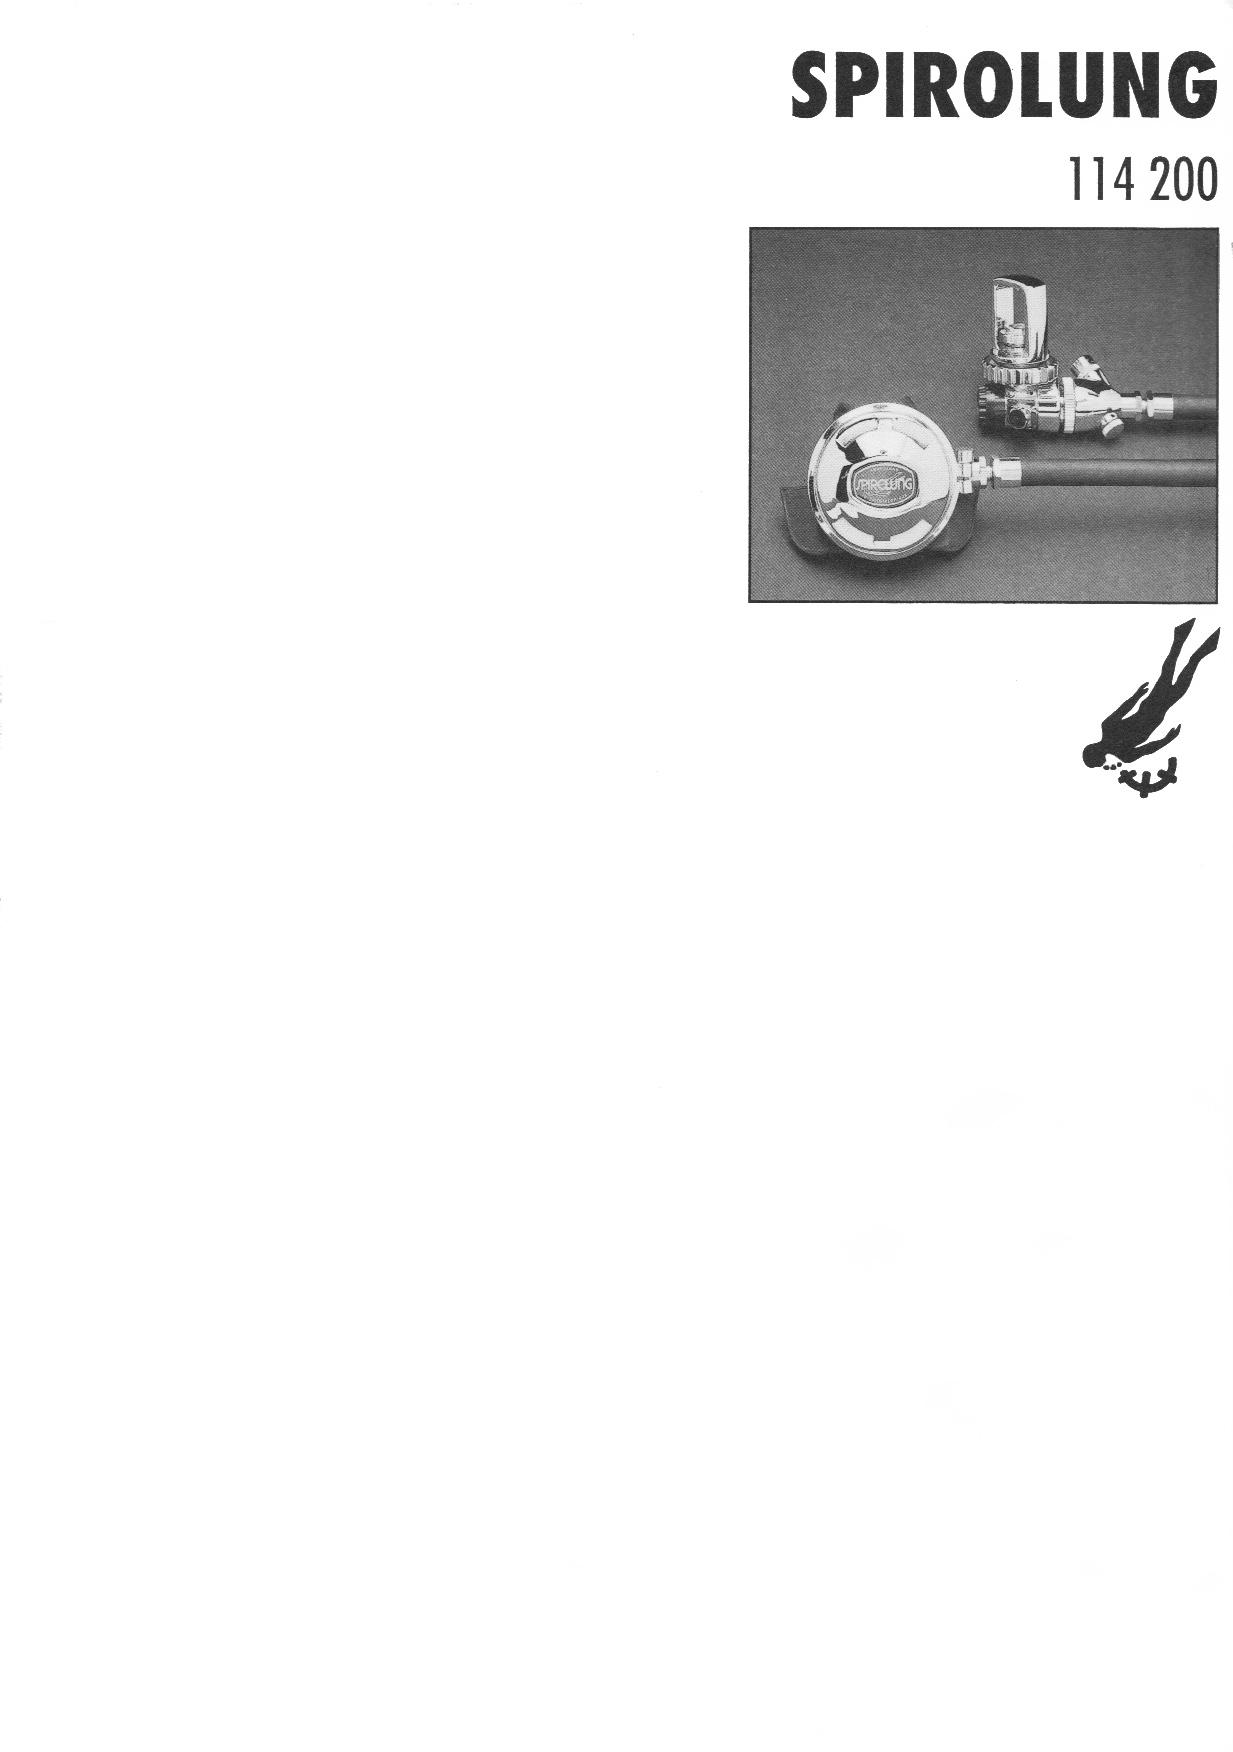 SPIROLUNG.1.5.jpg